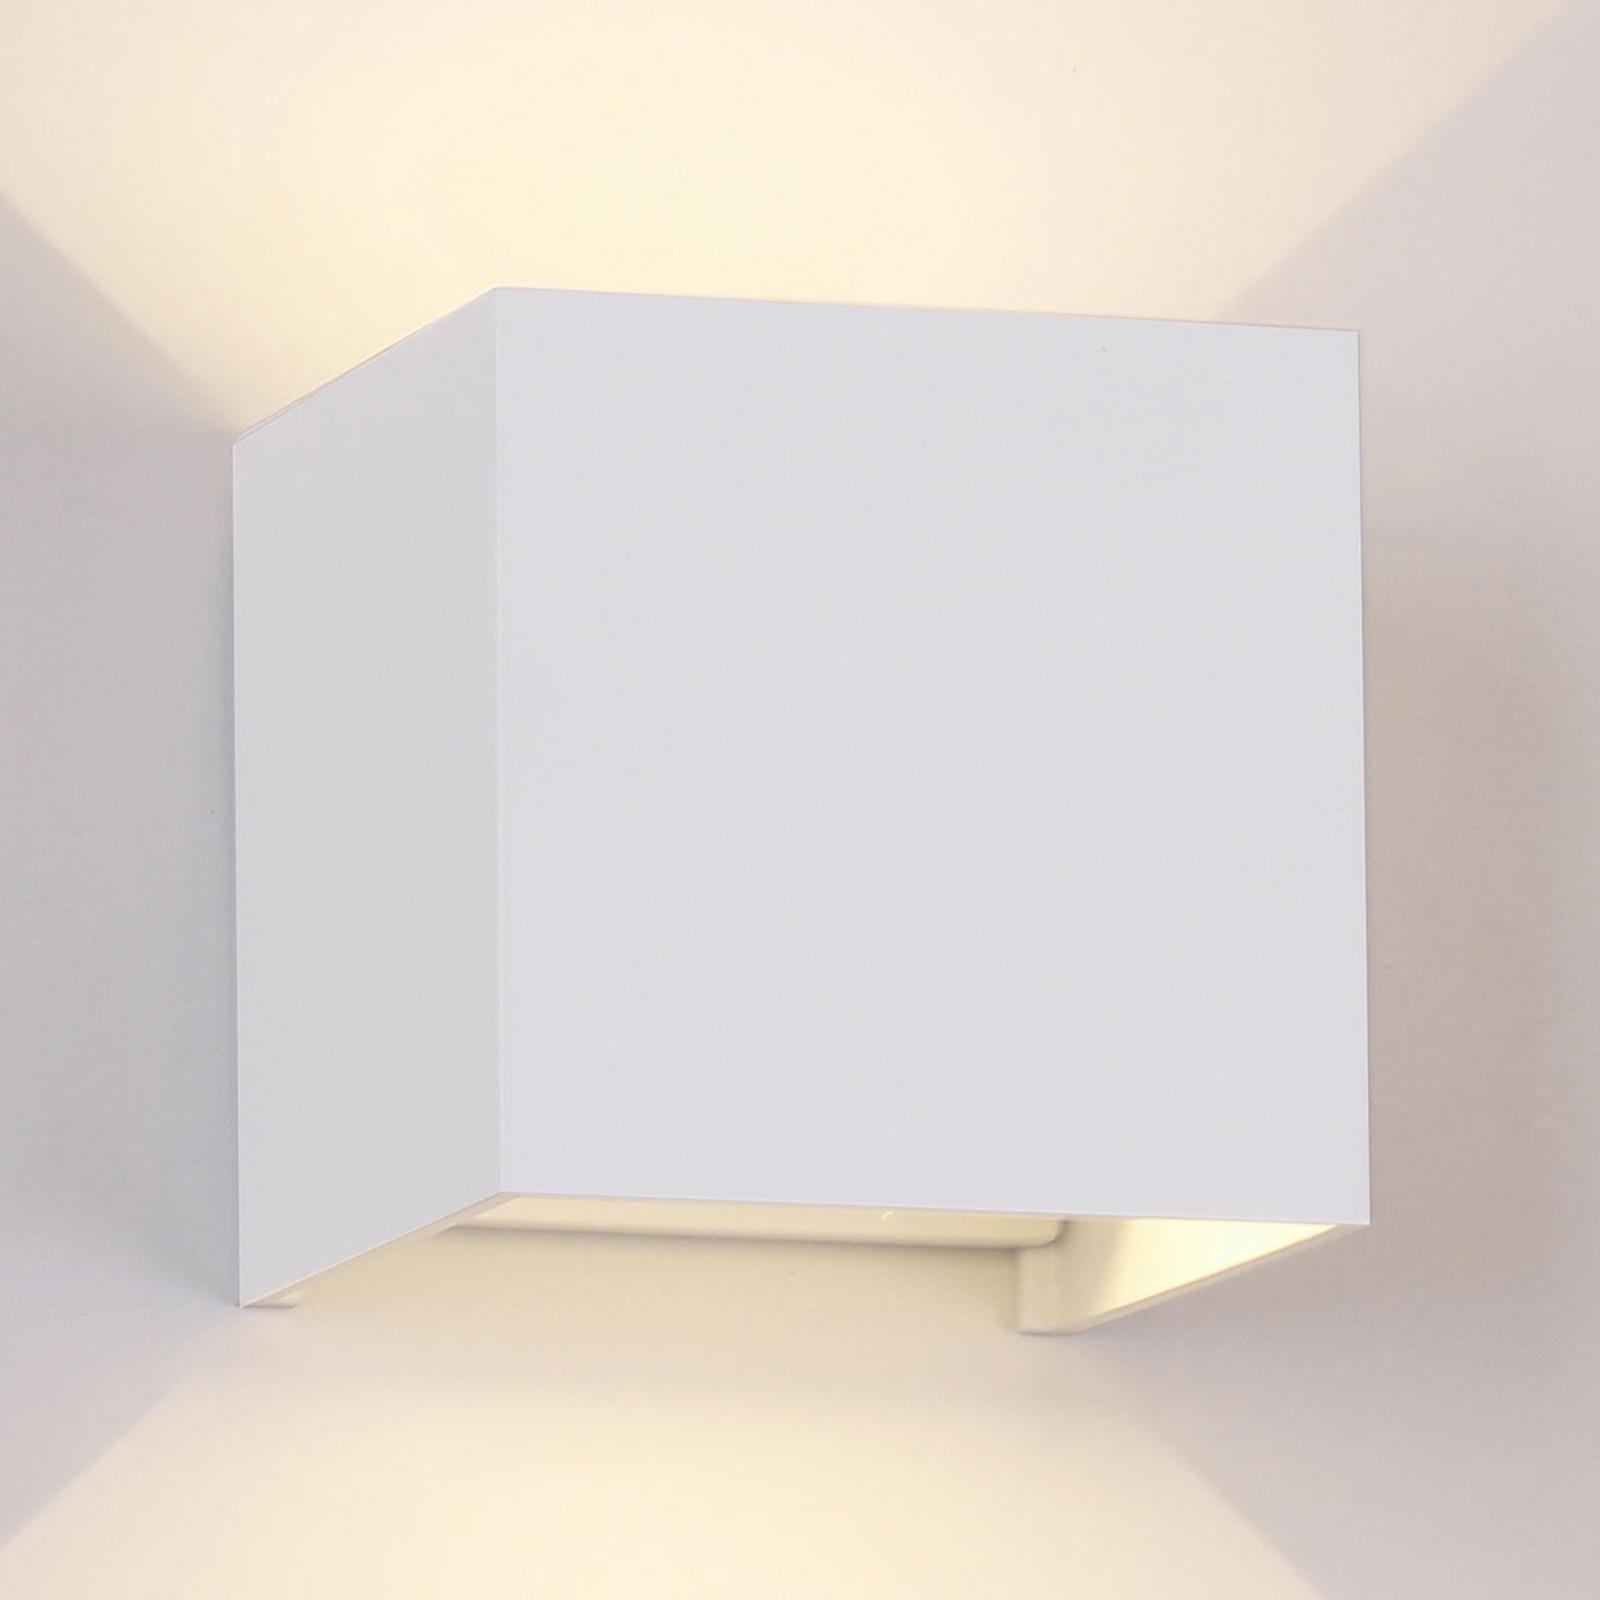 Utendørs LED-vegglampe Davos kantet, hvit